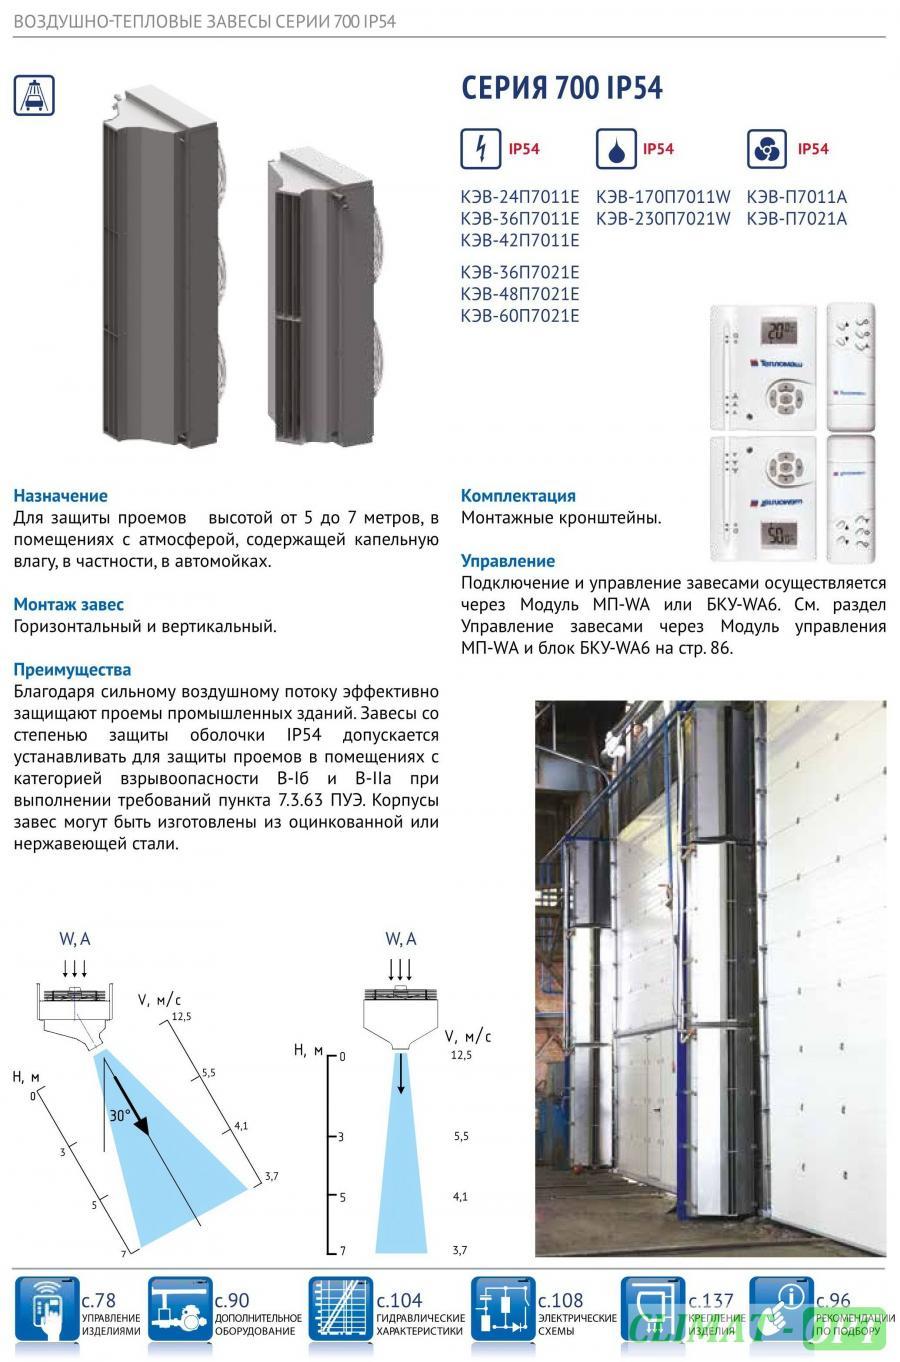 Тепловая завеса Тепломаш серии 700 для автомоек IP54 с электрическим нагревом